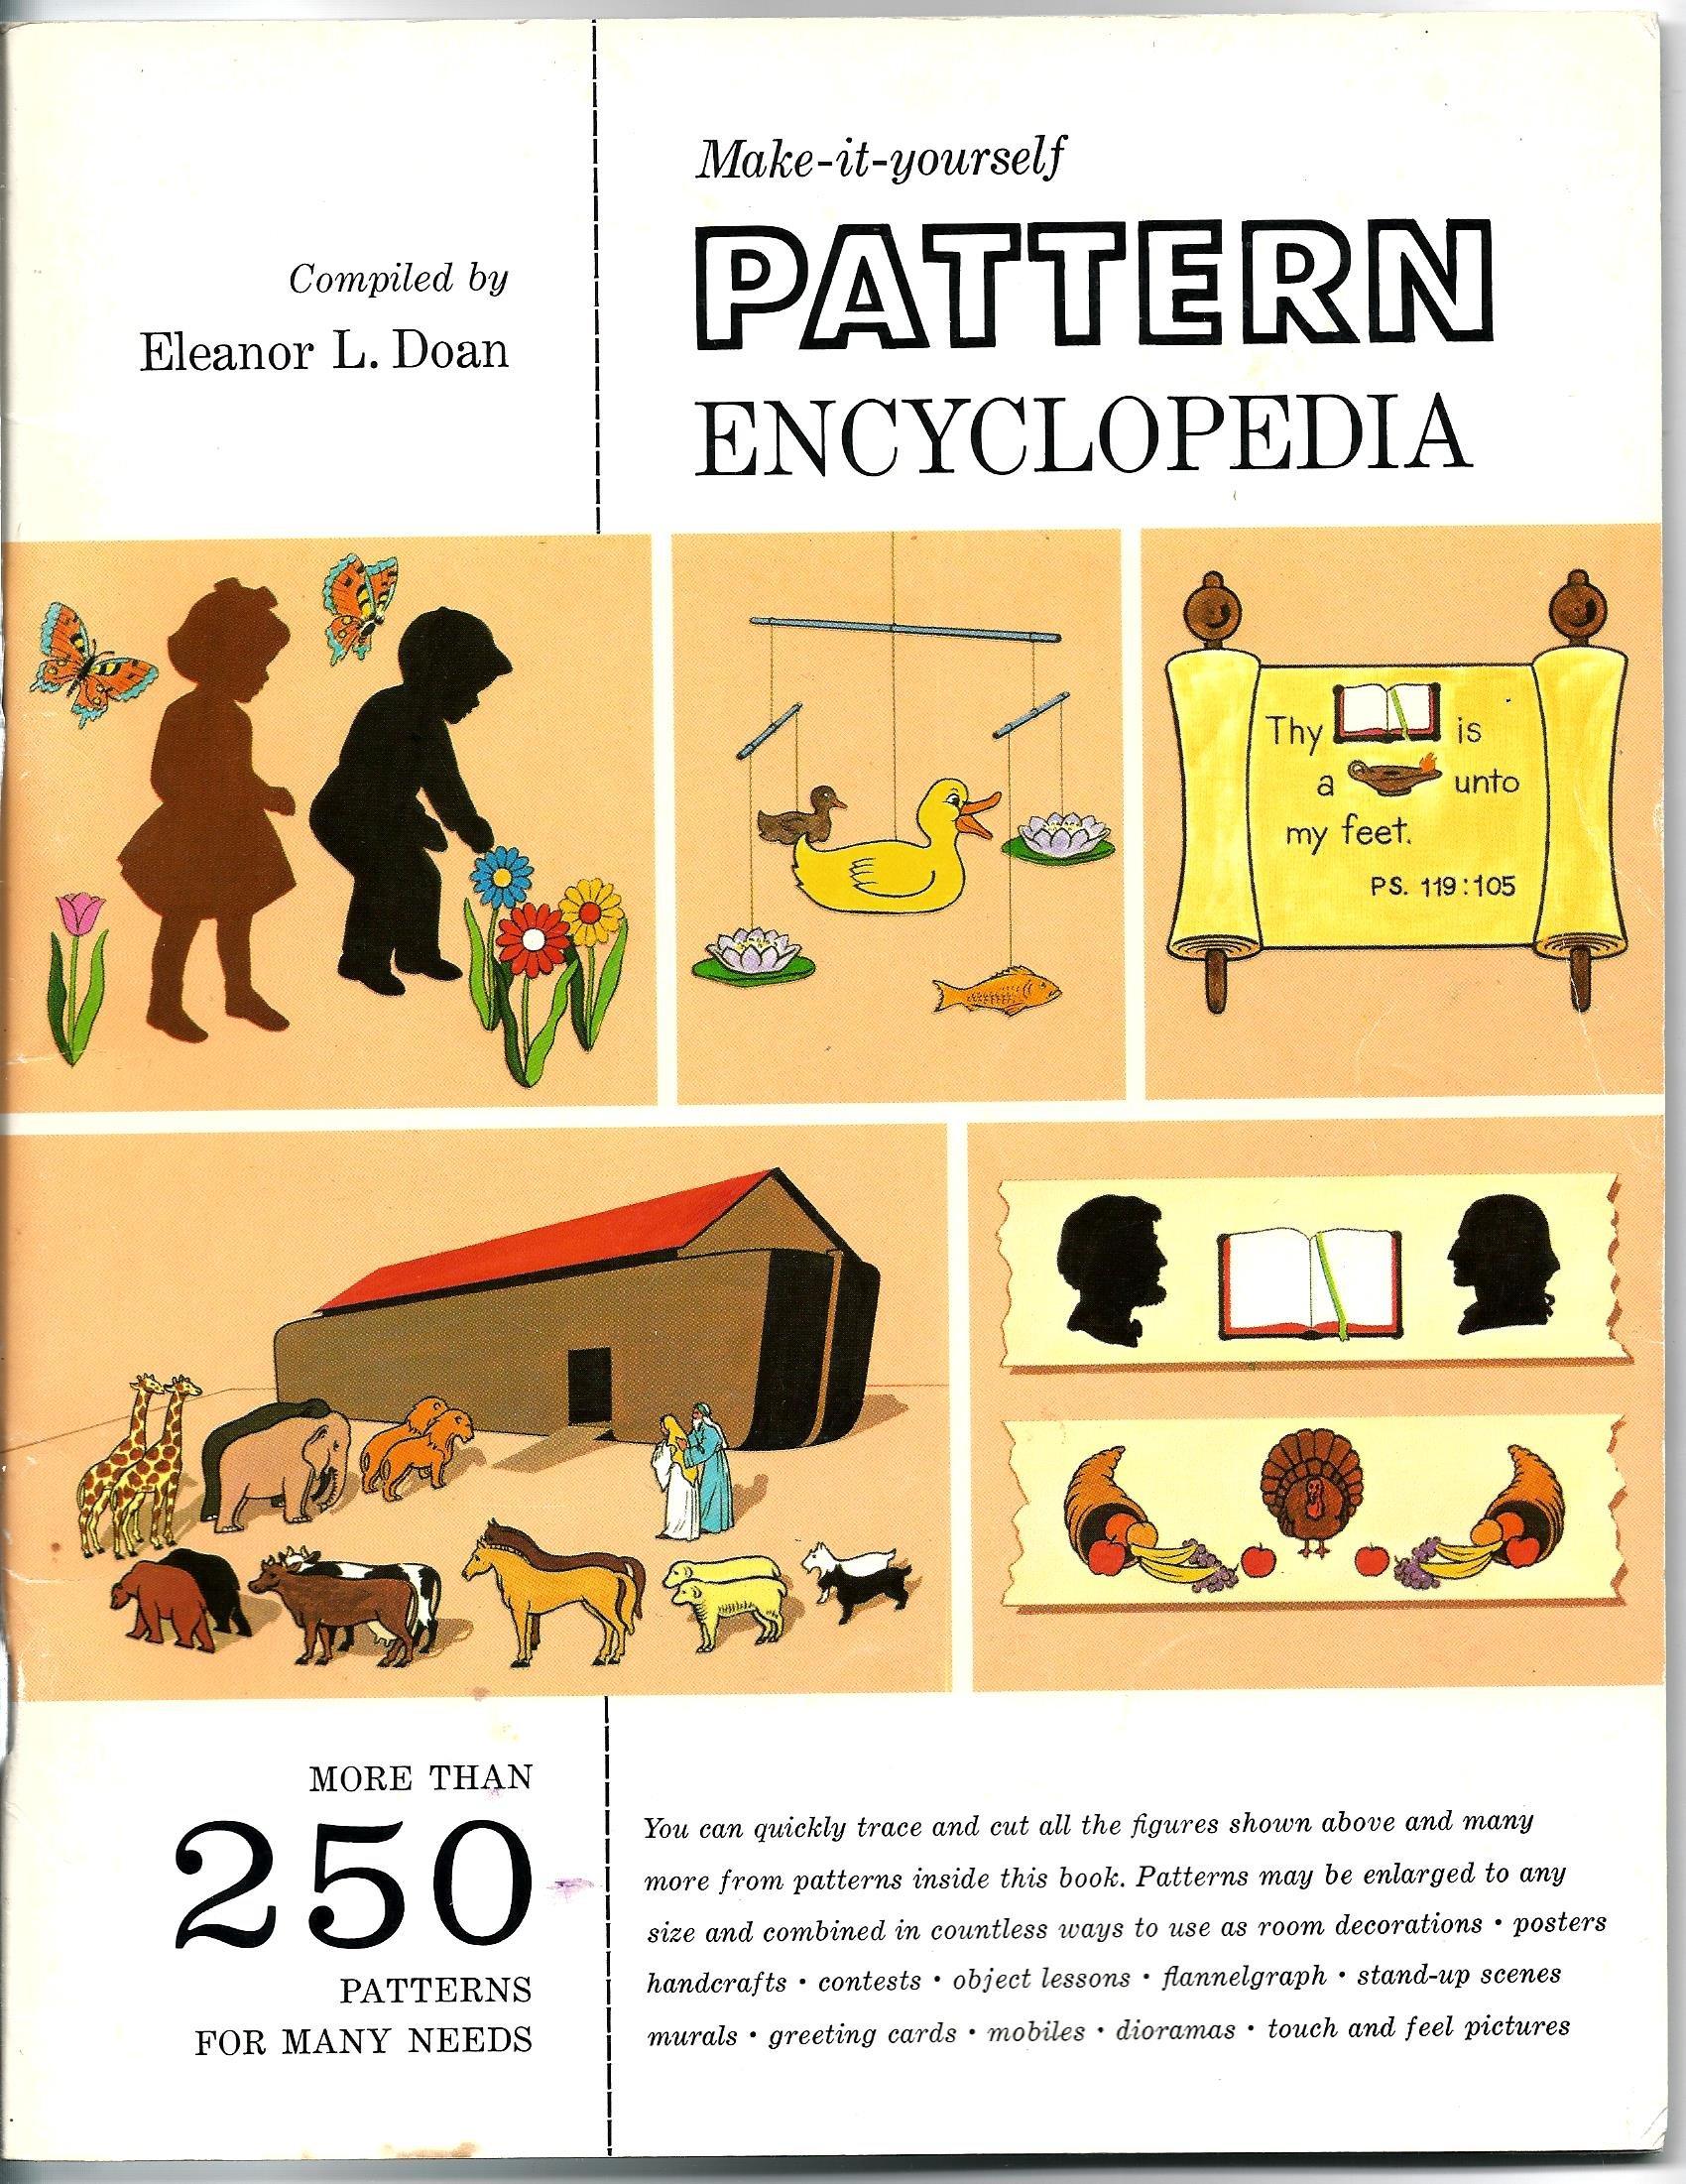 Make it yourself pattern encyclopedia eleanor l ed doan amazon make it yourself pattern encyclopedia eleanor l ed doan amazon books solutioingenieria Gallery